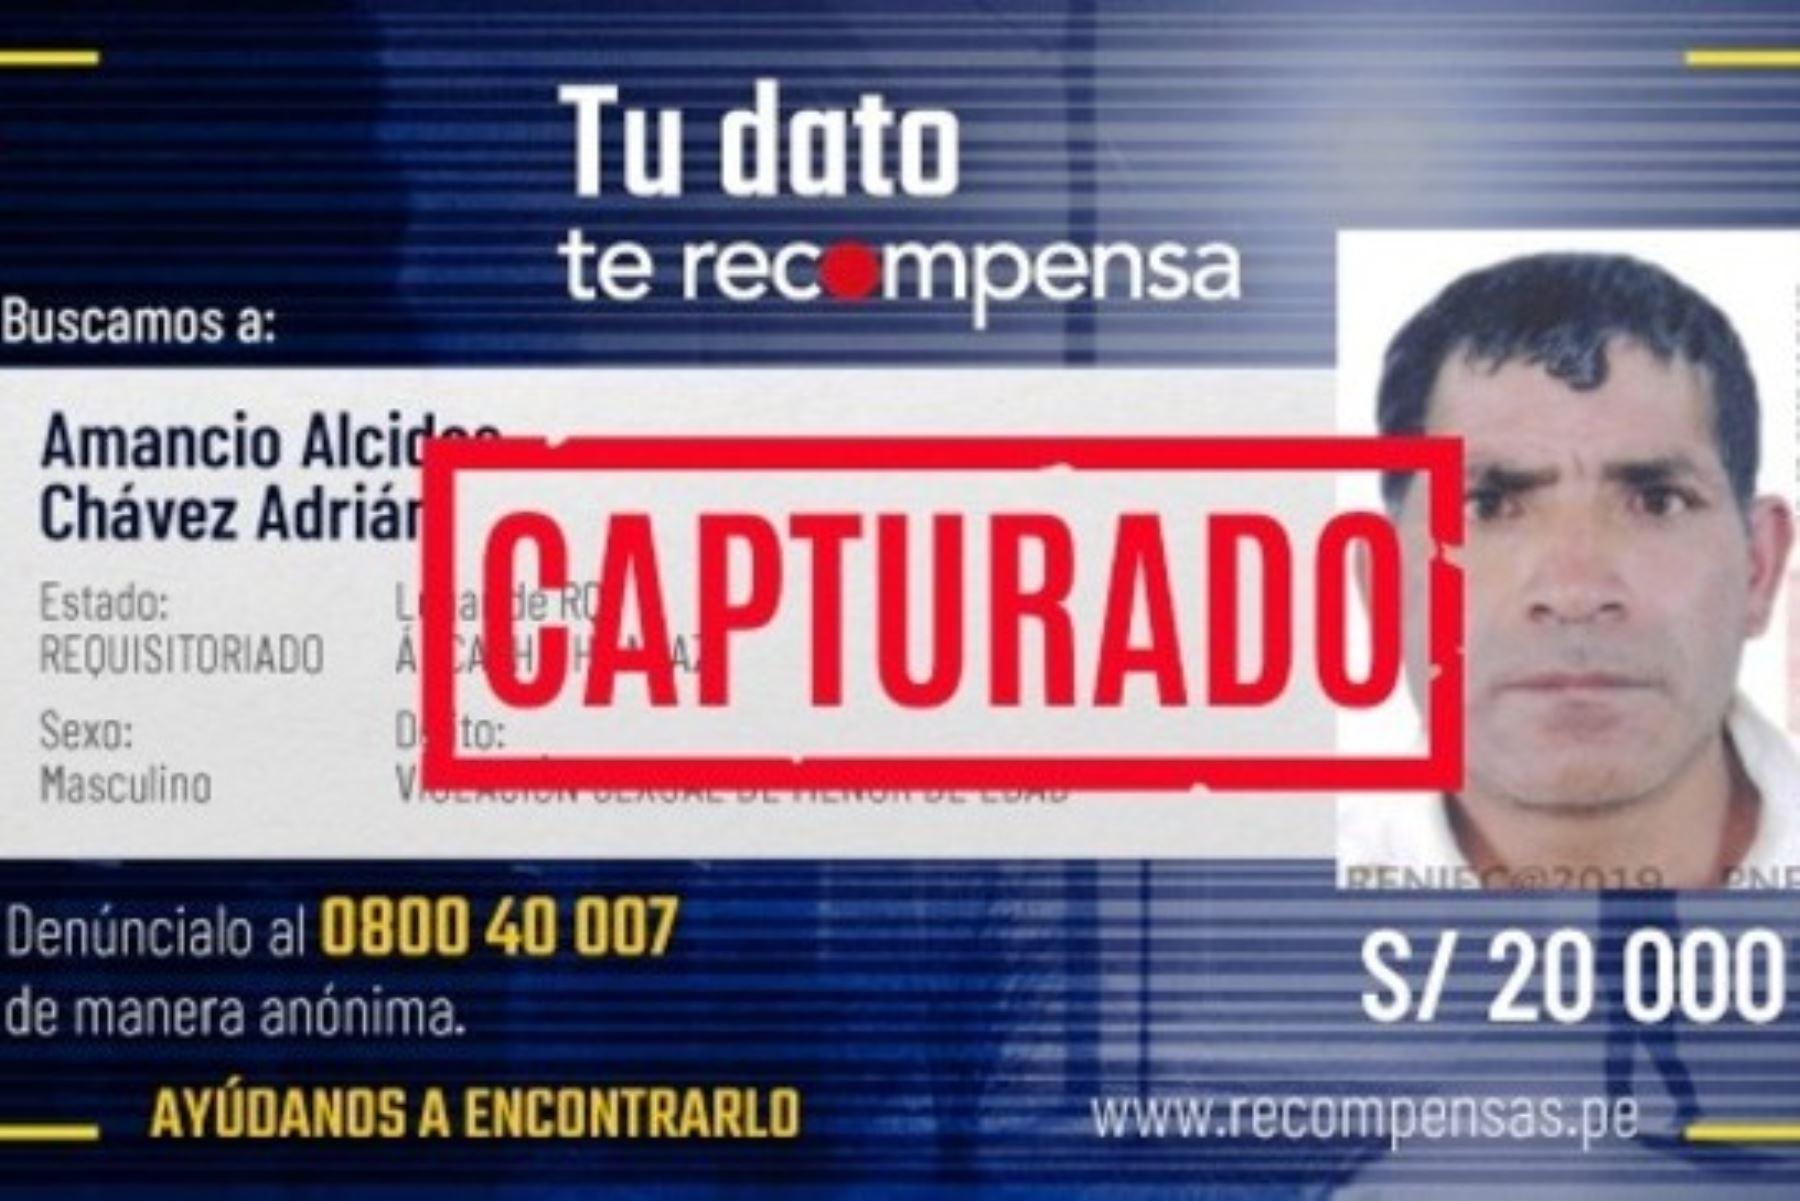 Policía Nacional del Perú capturó a Amancio Alcides Chávez Adrián, por la supuesta violación de una menor de edad. Foto: ANDINA/Difusión.